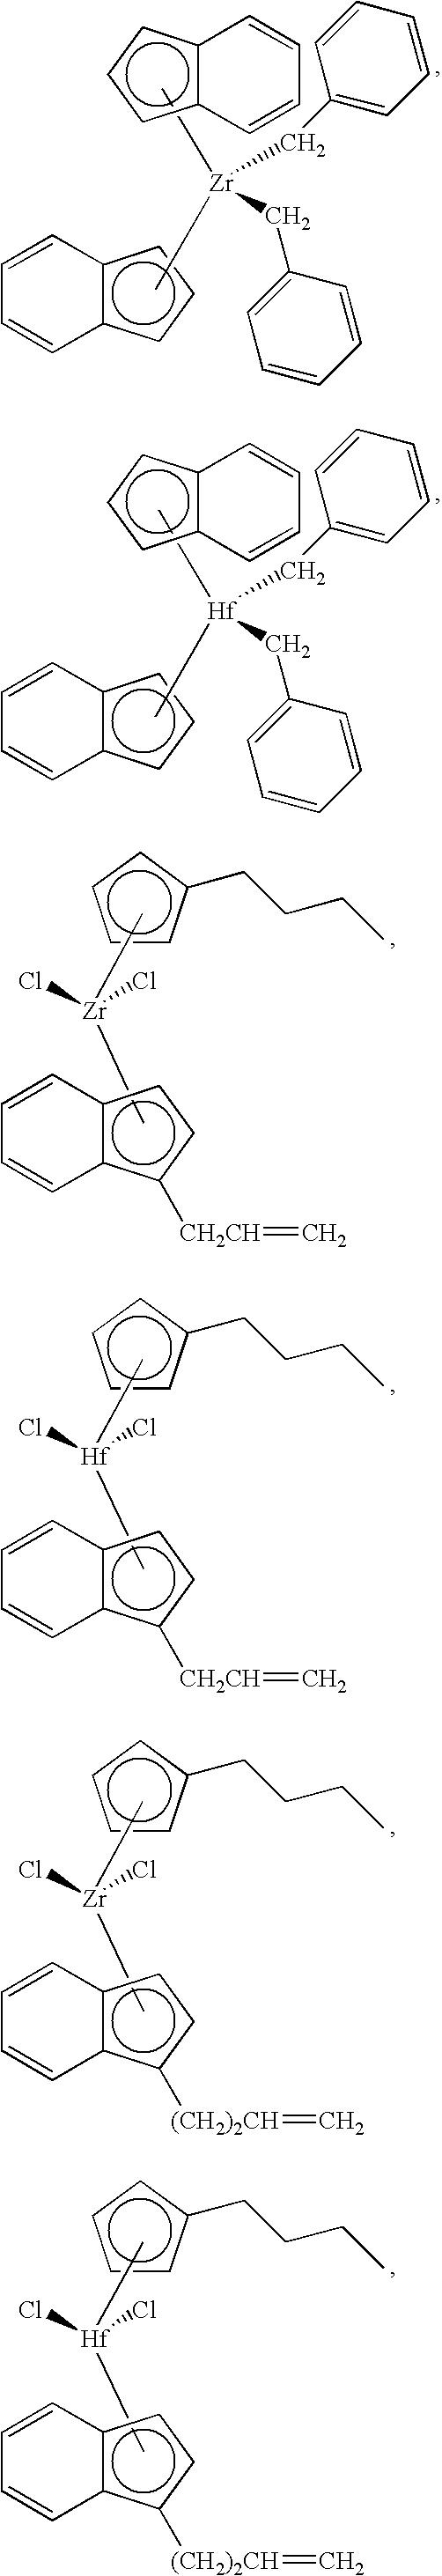 Figure US07619047-20091117-C00057